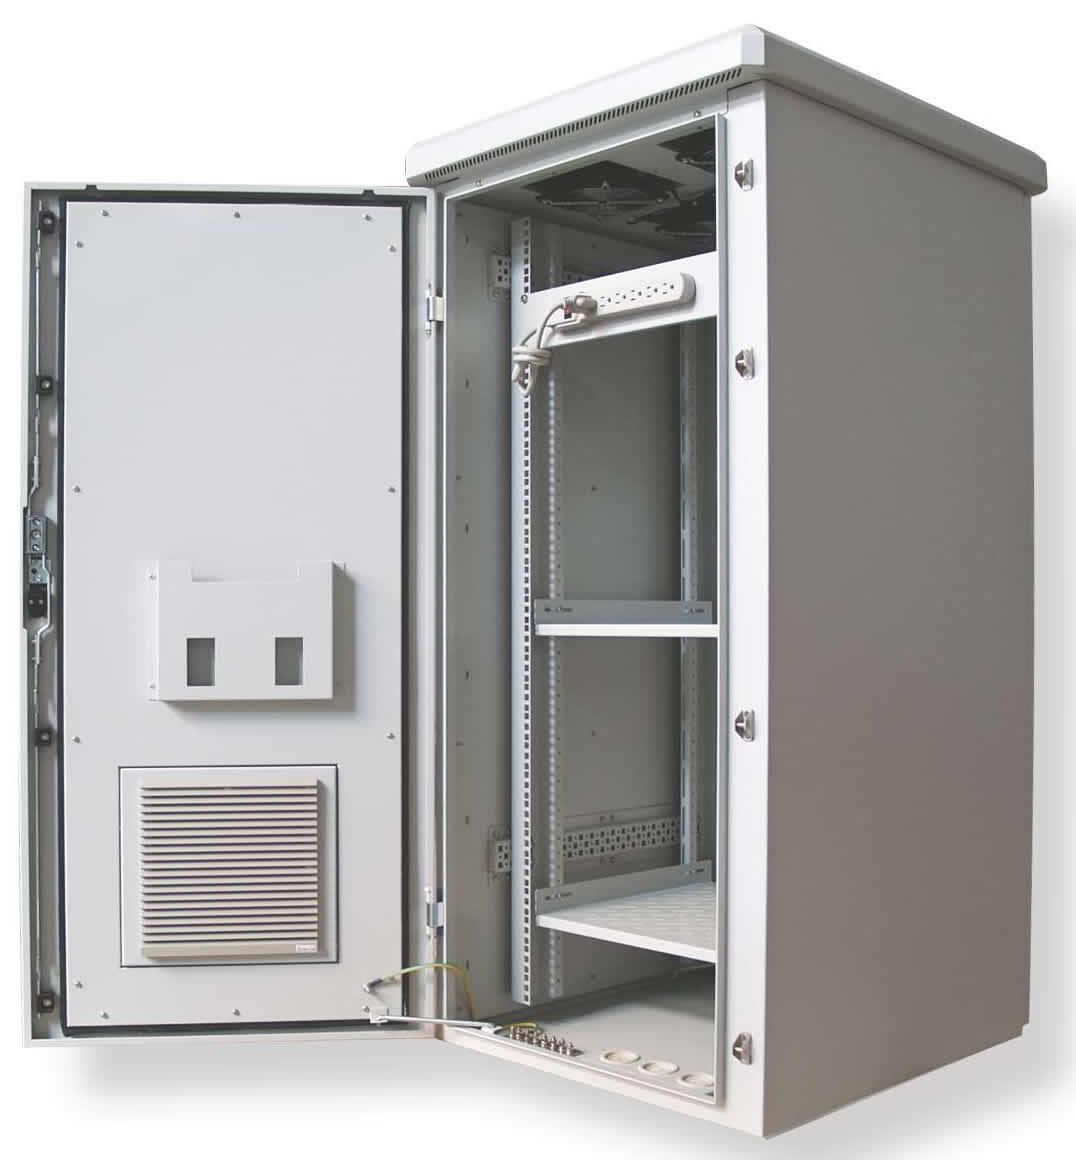 محافظت از رک های تجهیزات الکتریکی